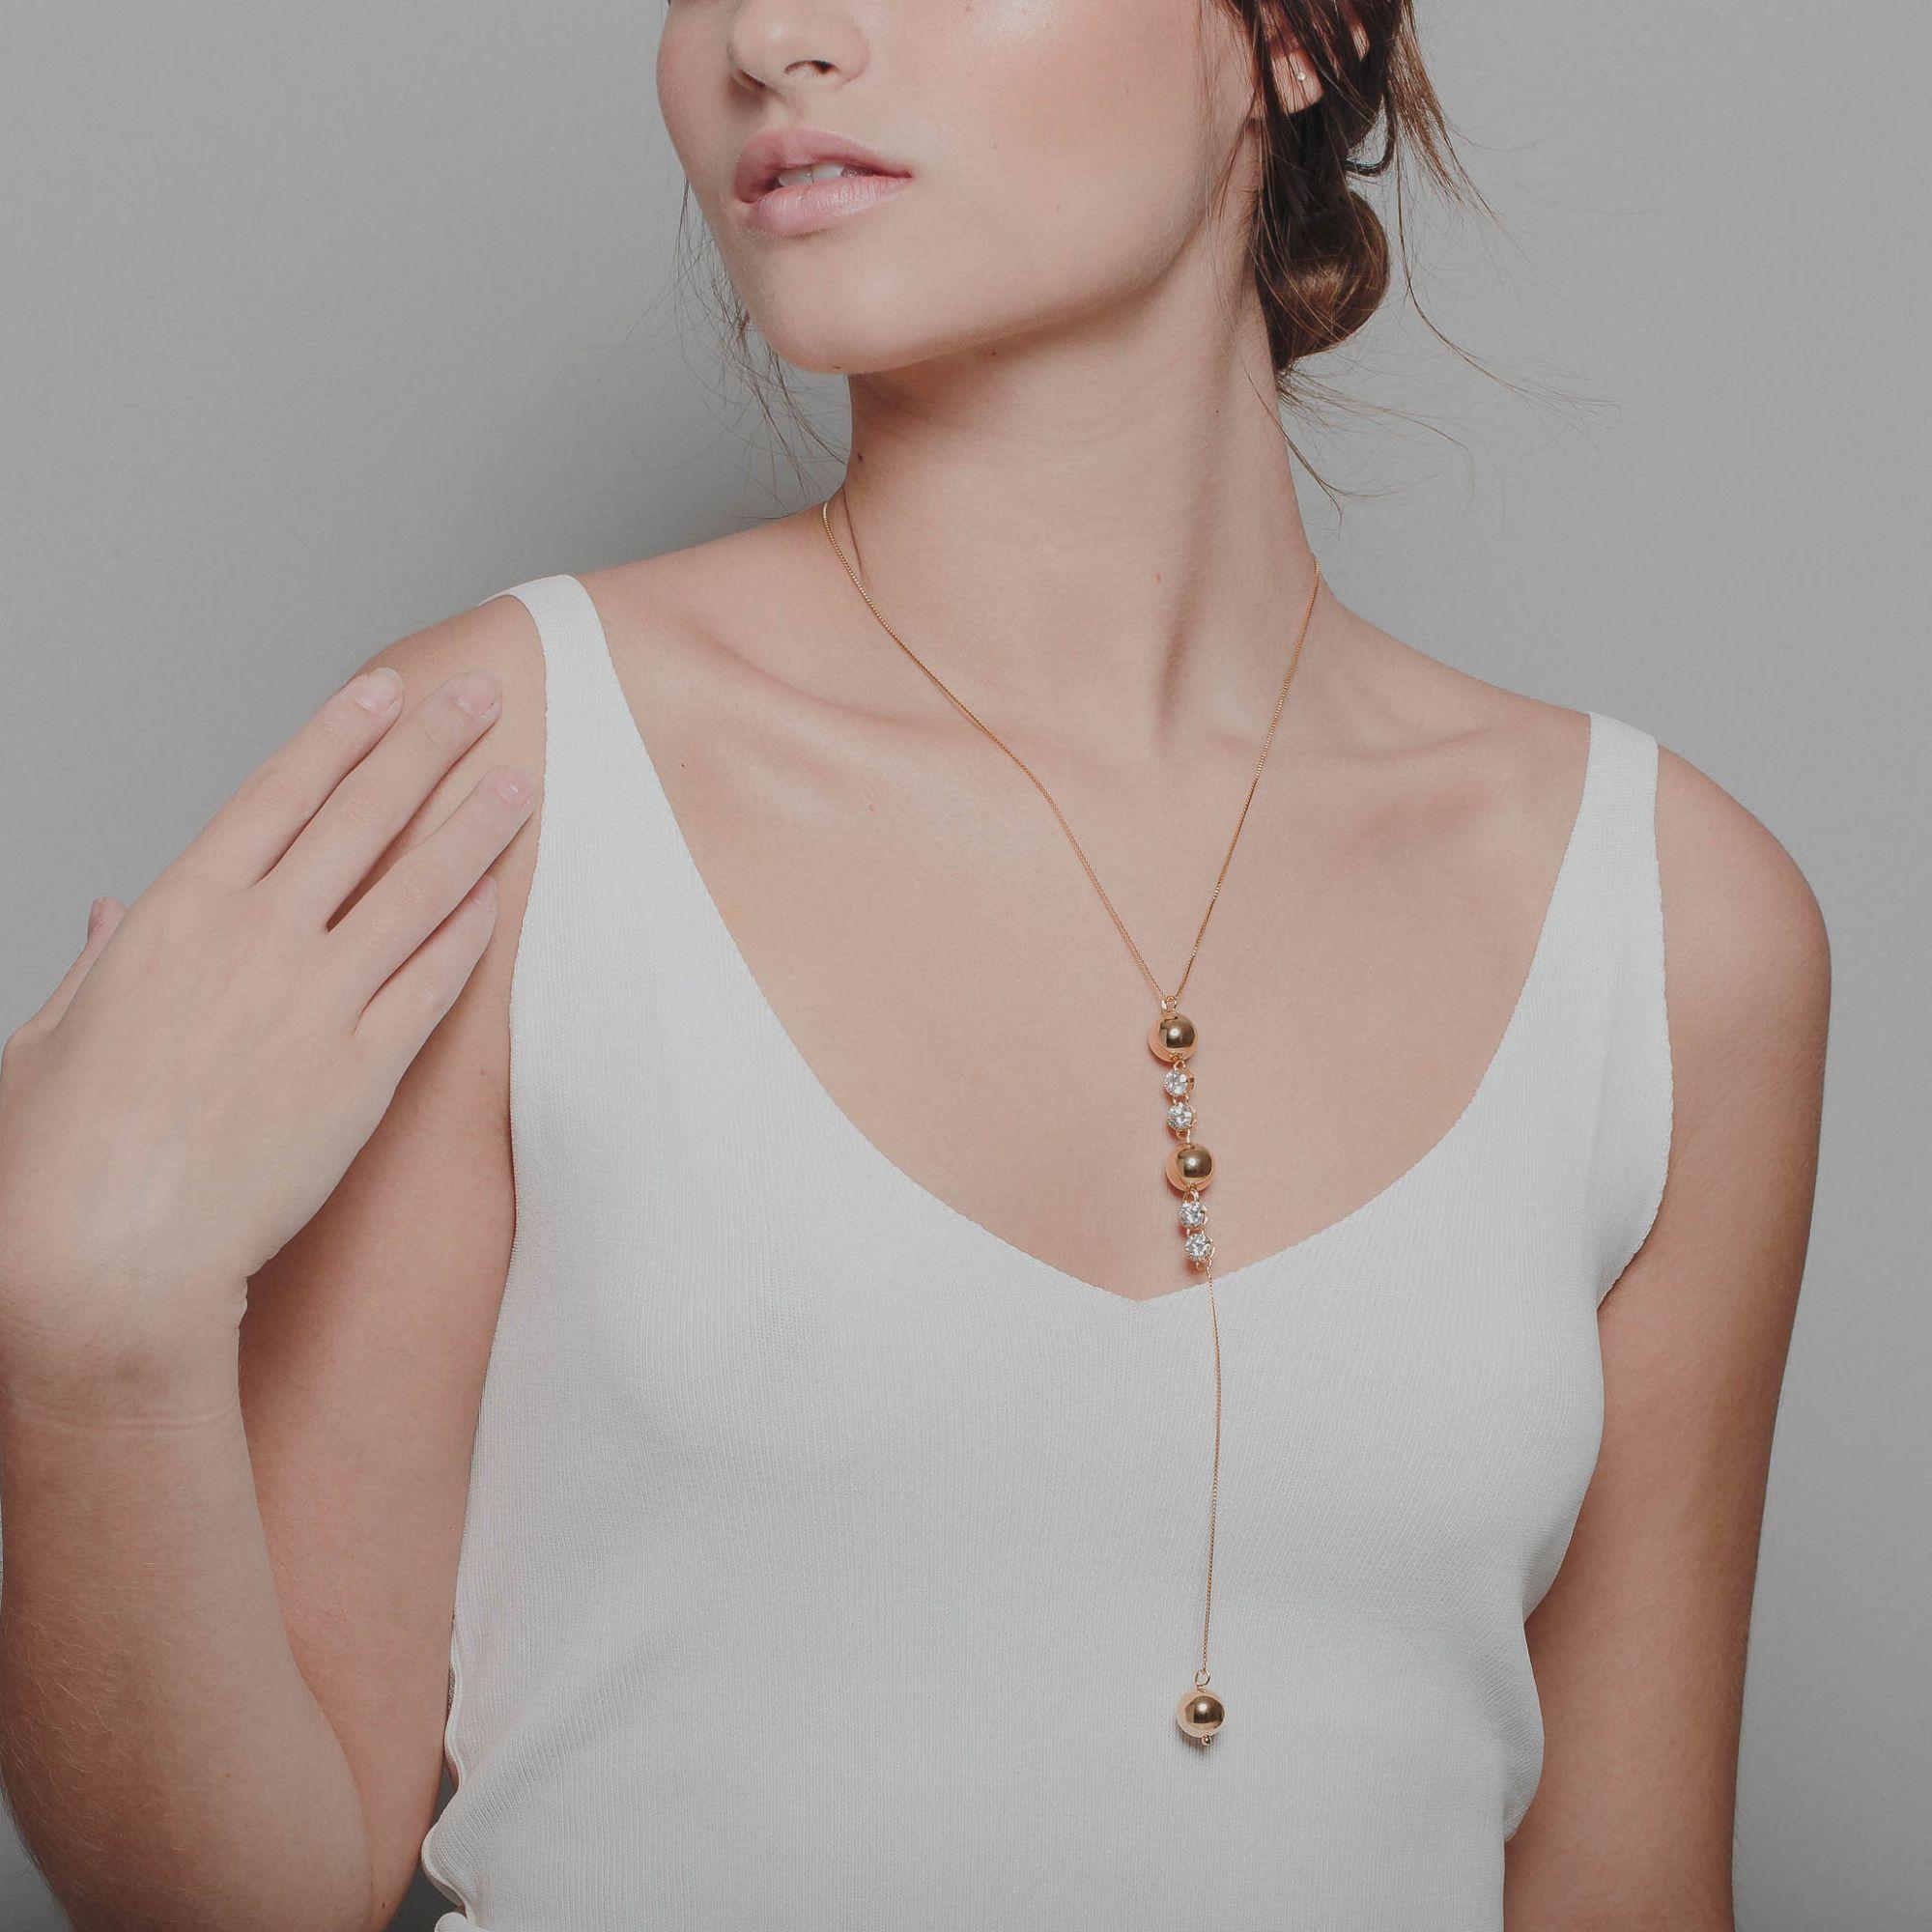 Colar gravata ponto de luz de zircônia banhado a ouro 18k.  - romabrazil.com.br